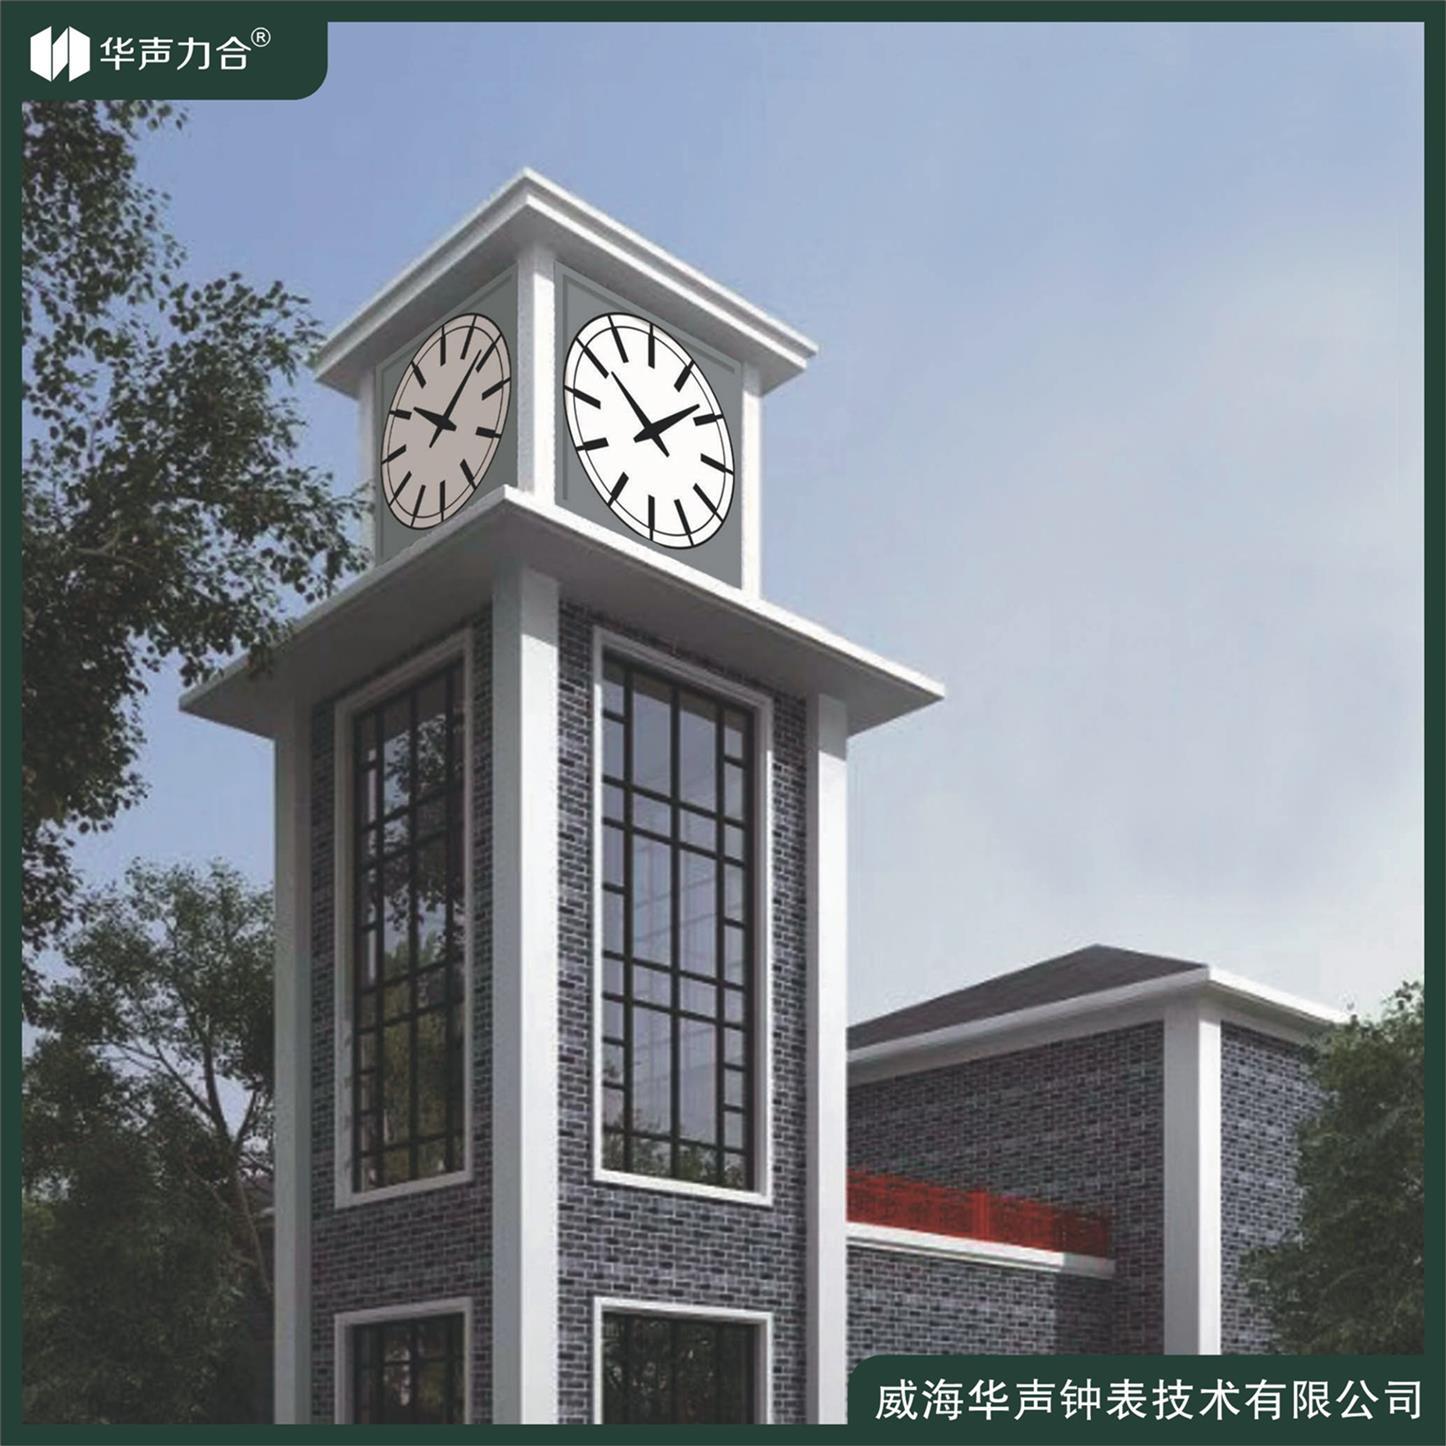 徐州智能型塔樓大鐘 HSTZ系列學校大鐘